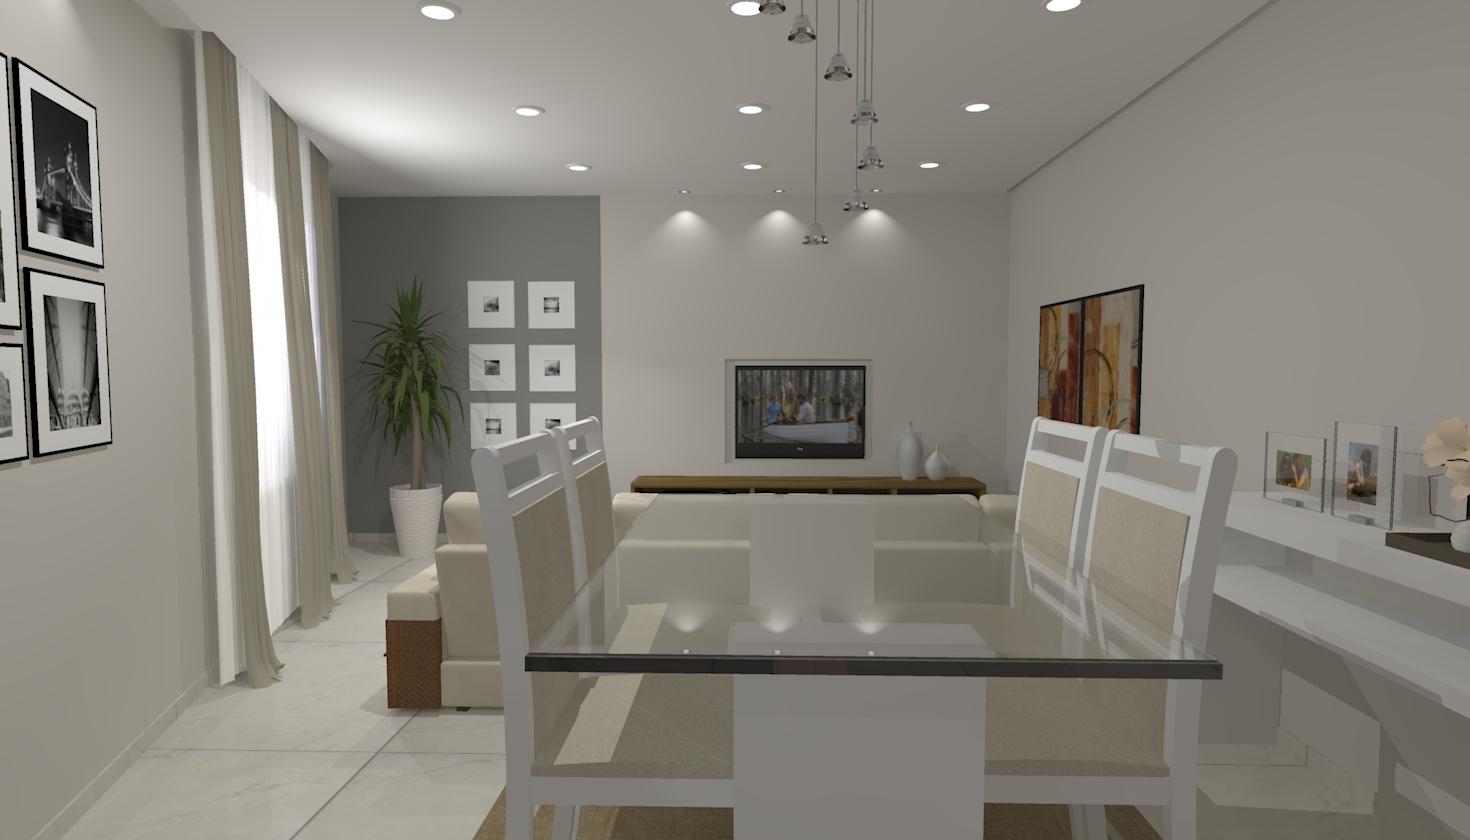 13 06 2013 em ambientes integrados sala de estar sala de jantar salas #36485C 1470 840